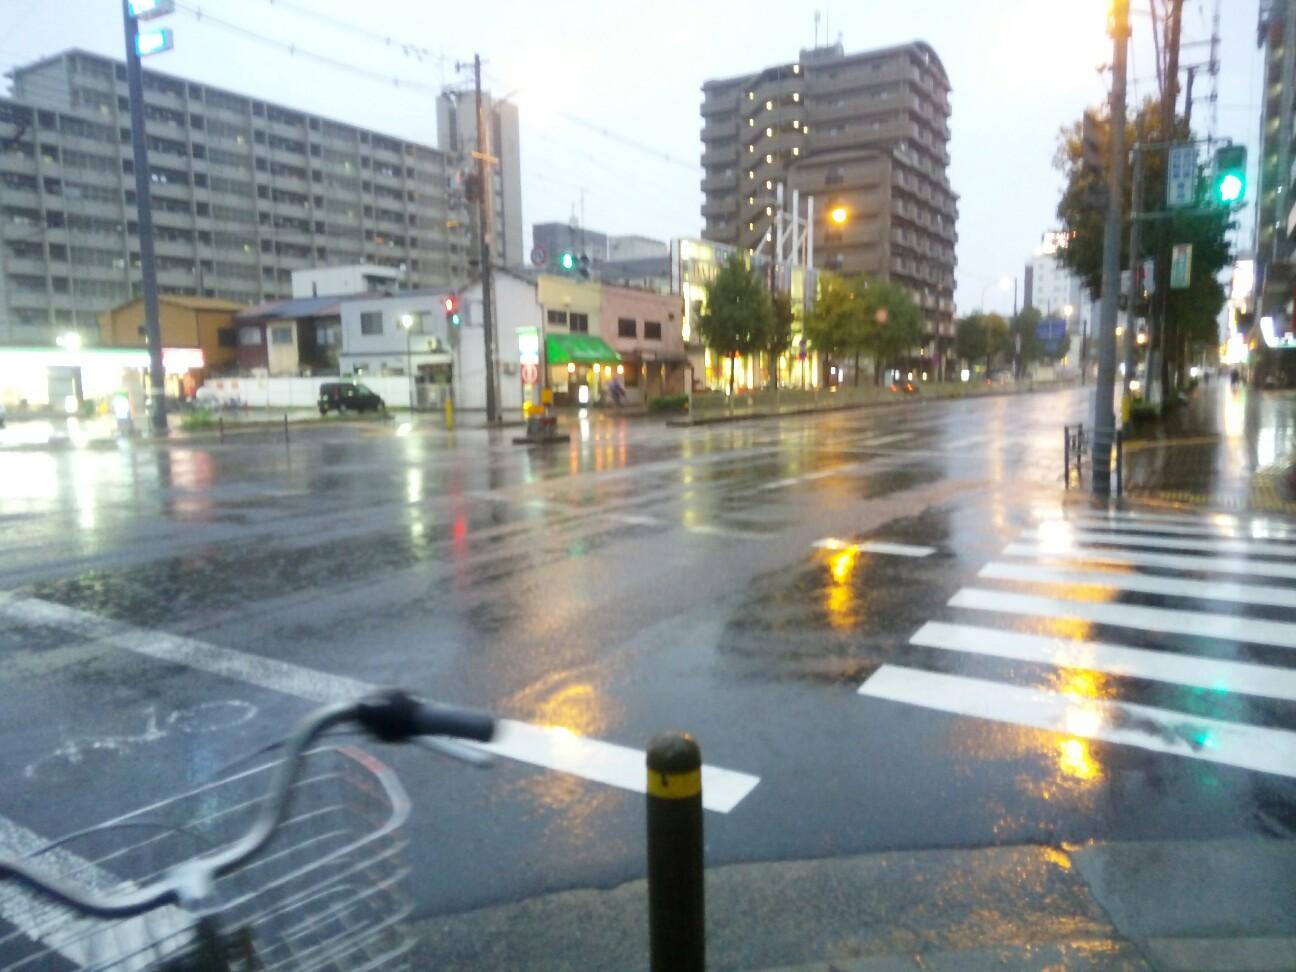 f:id:Osakaloopline:20171022233955j:image